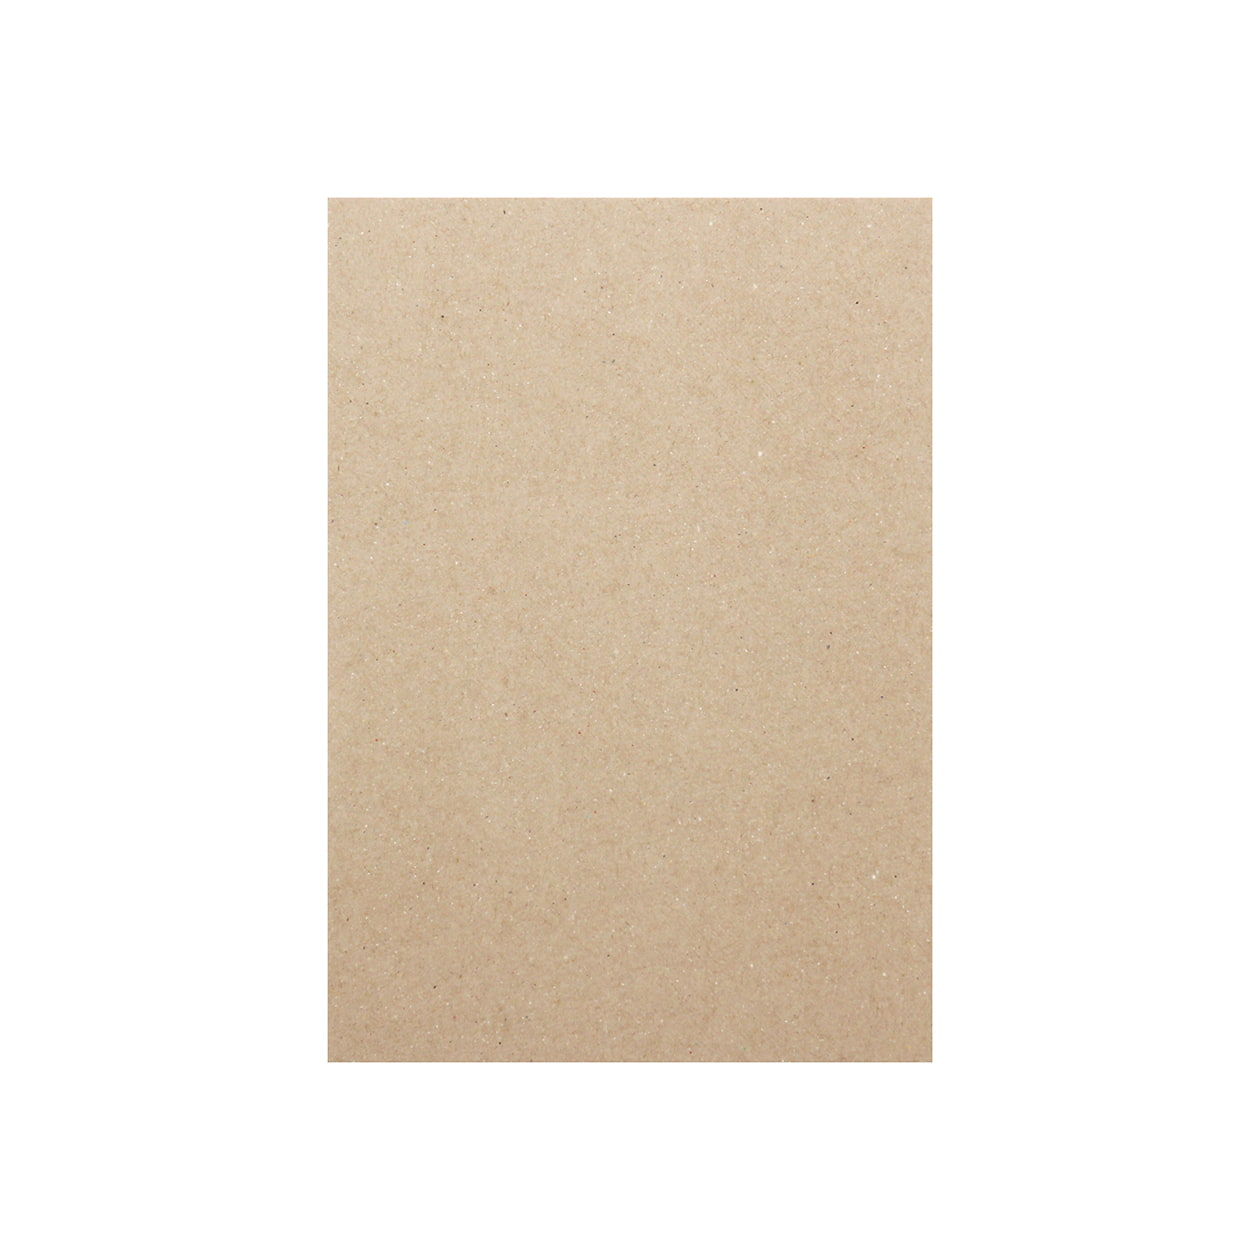 A5カード ボード紙 サンド 460g